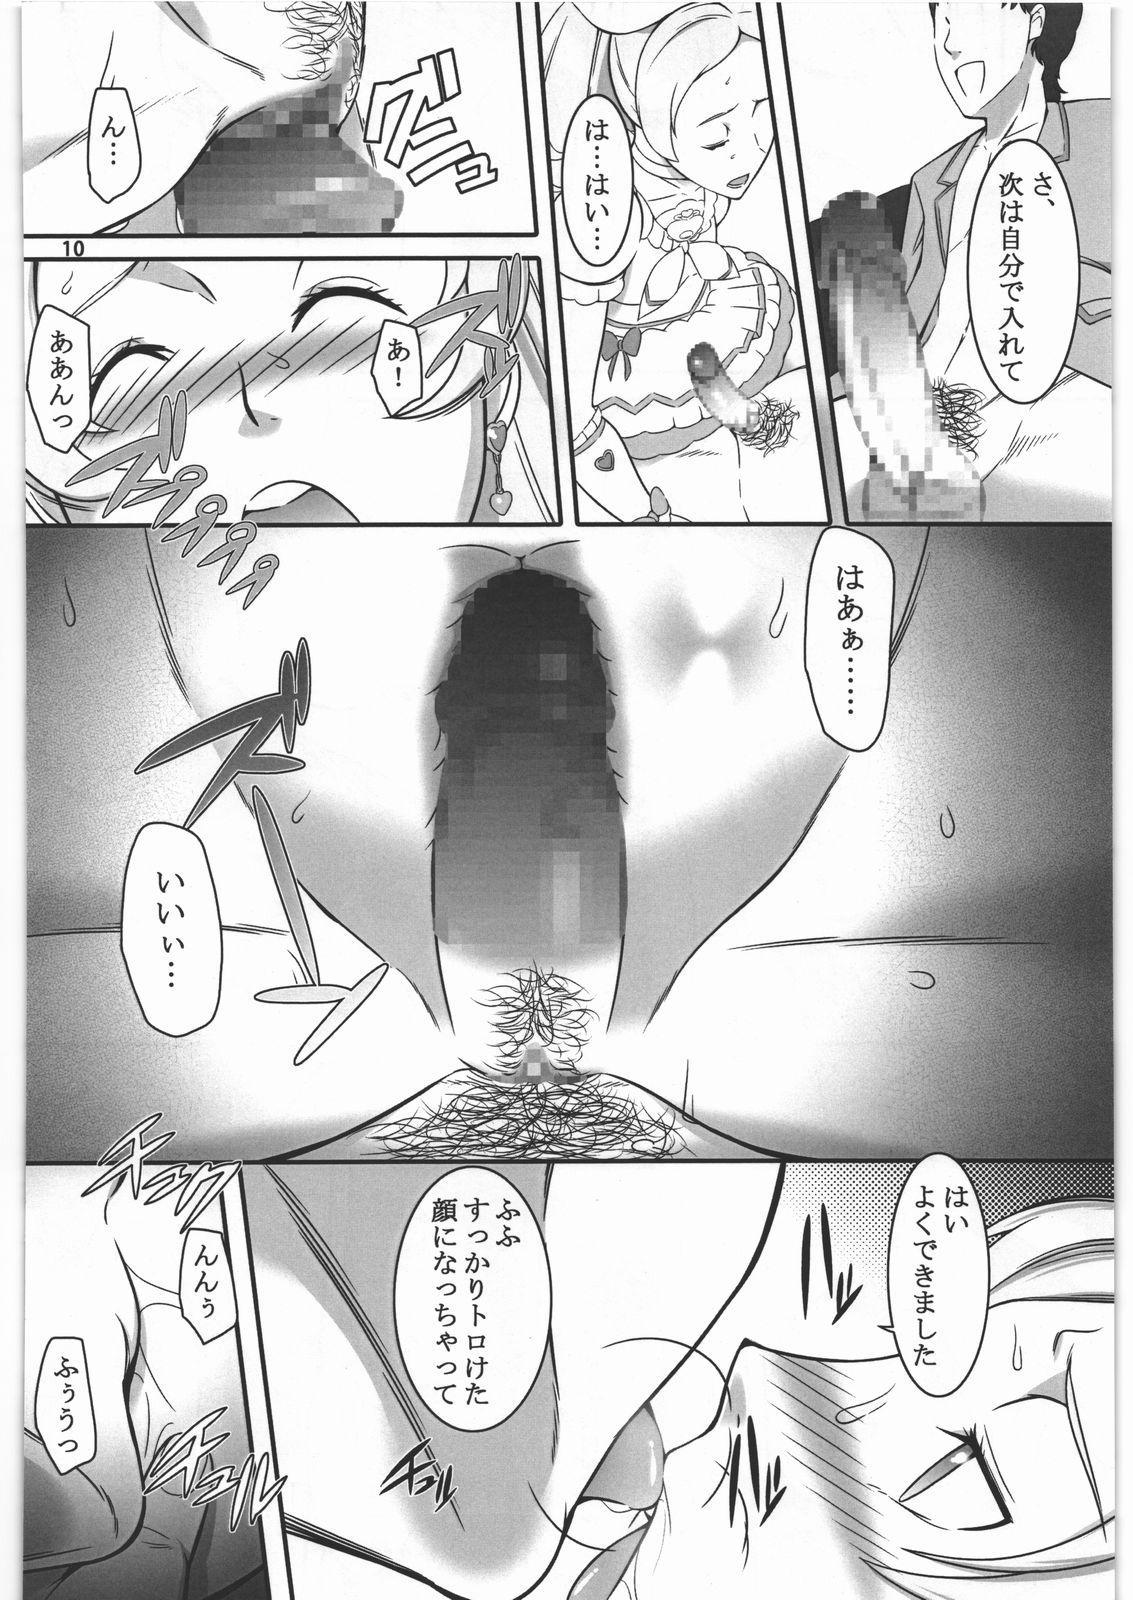 Shichinenme no Uwaki 8